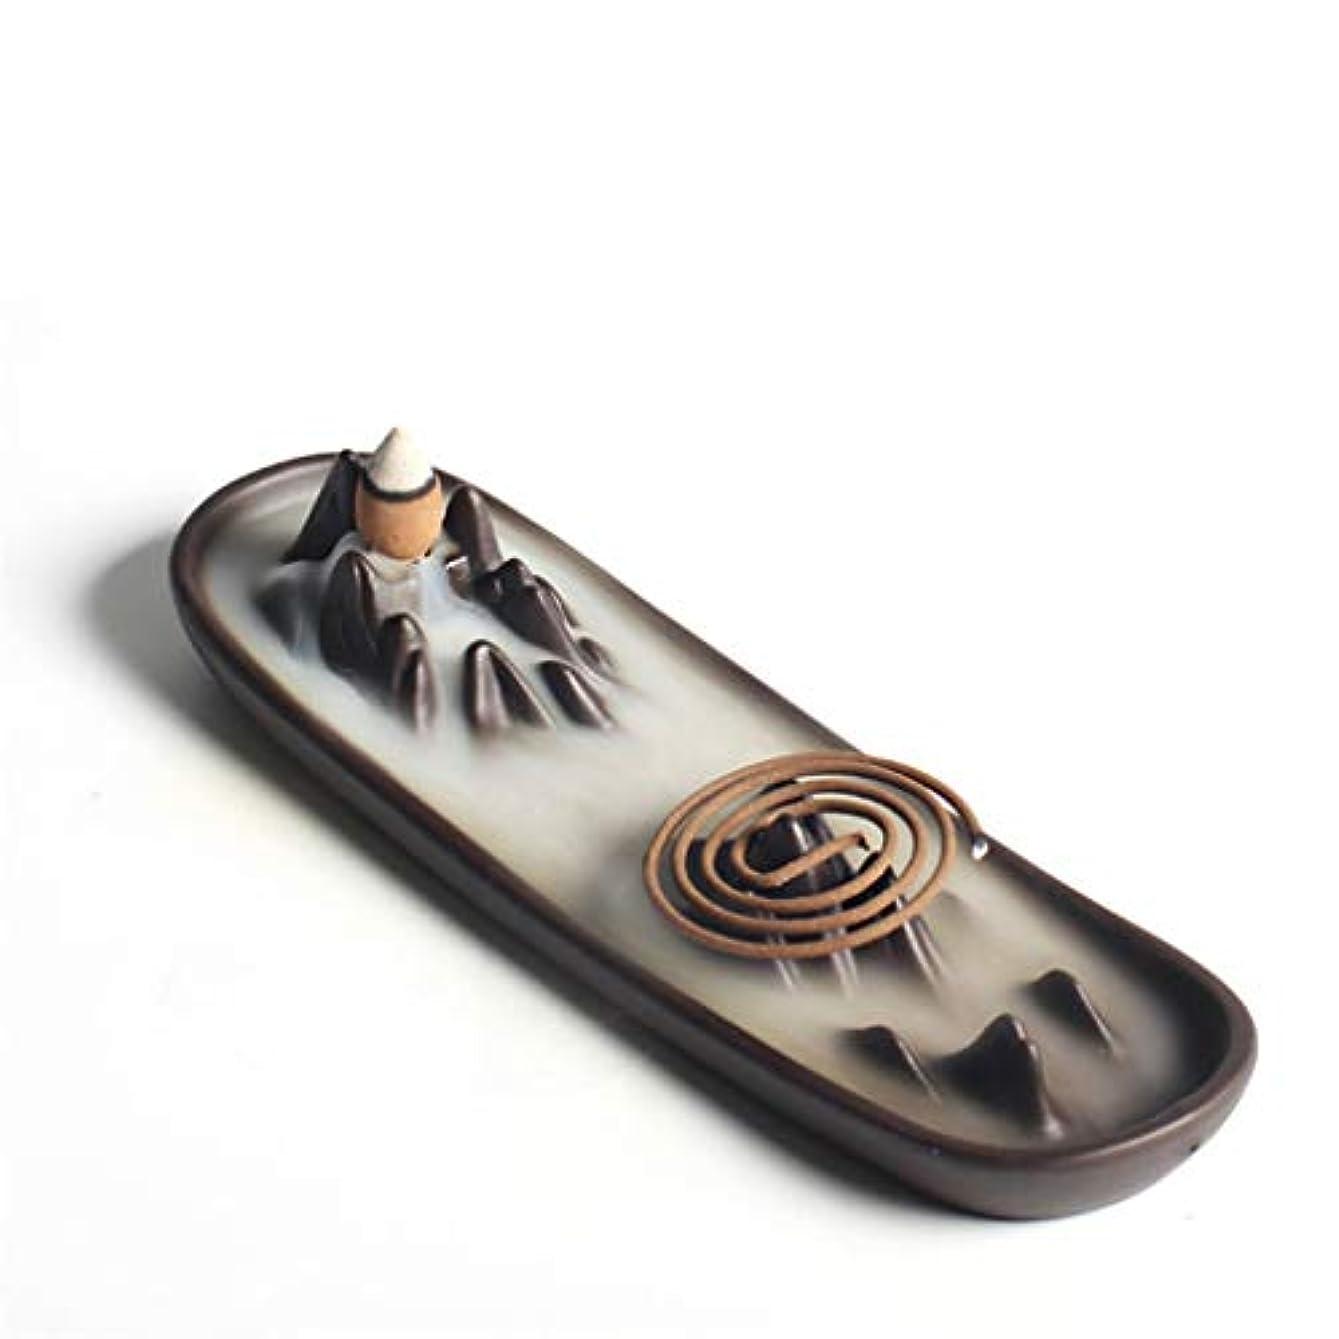 気づくグリーンランド中断ホームアロマバーナー 逆流香バーナー家の装飾セラミックアロマセラピー仏教の滝香炉香コイルスティックホルダー 芳香器アロマバーナー (Color : A)